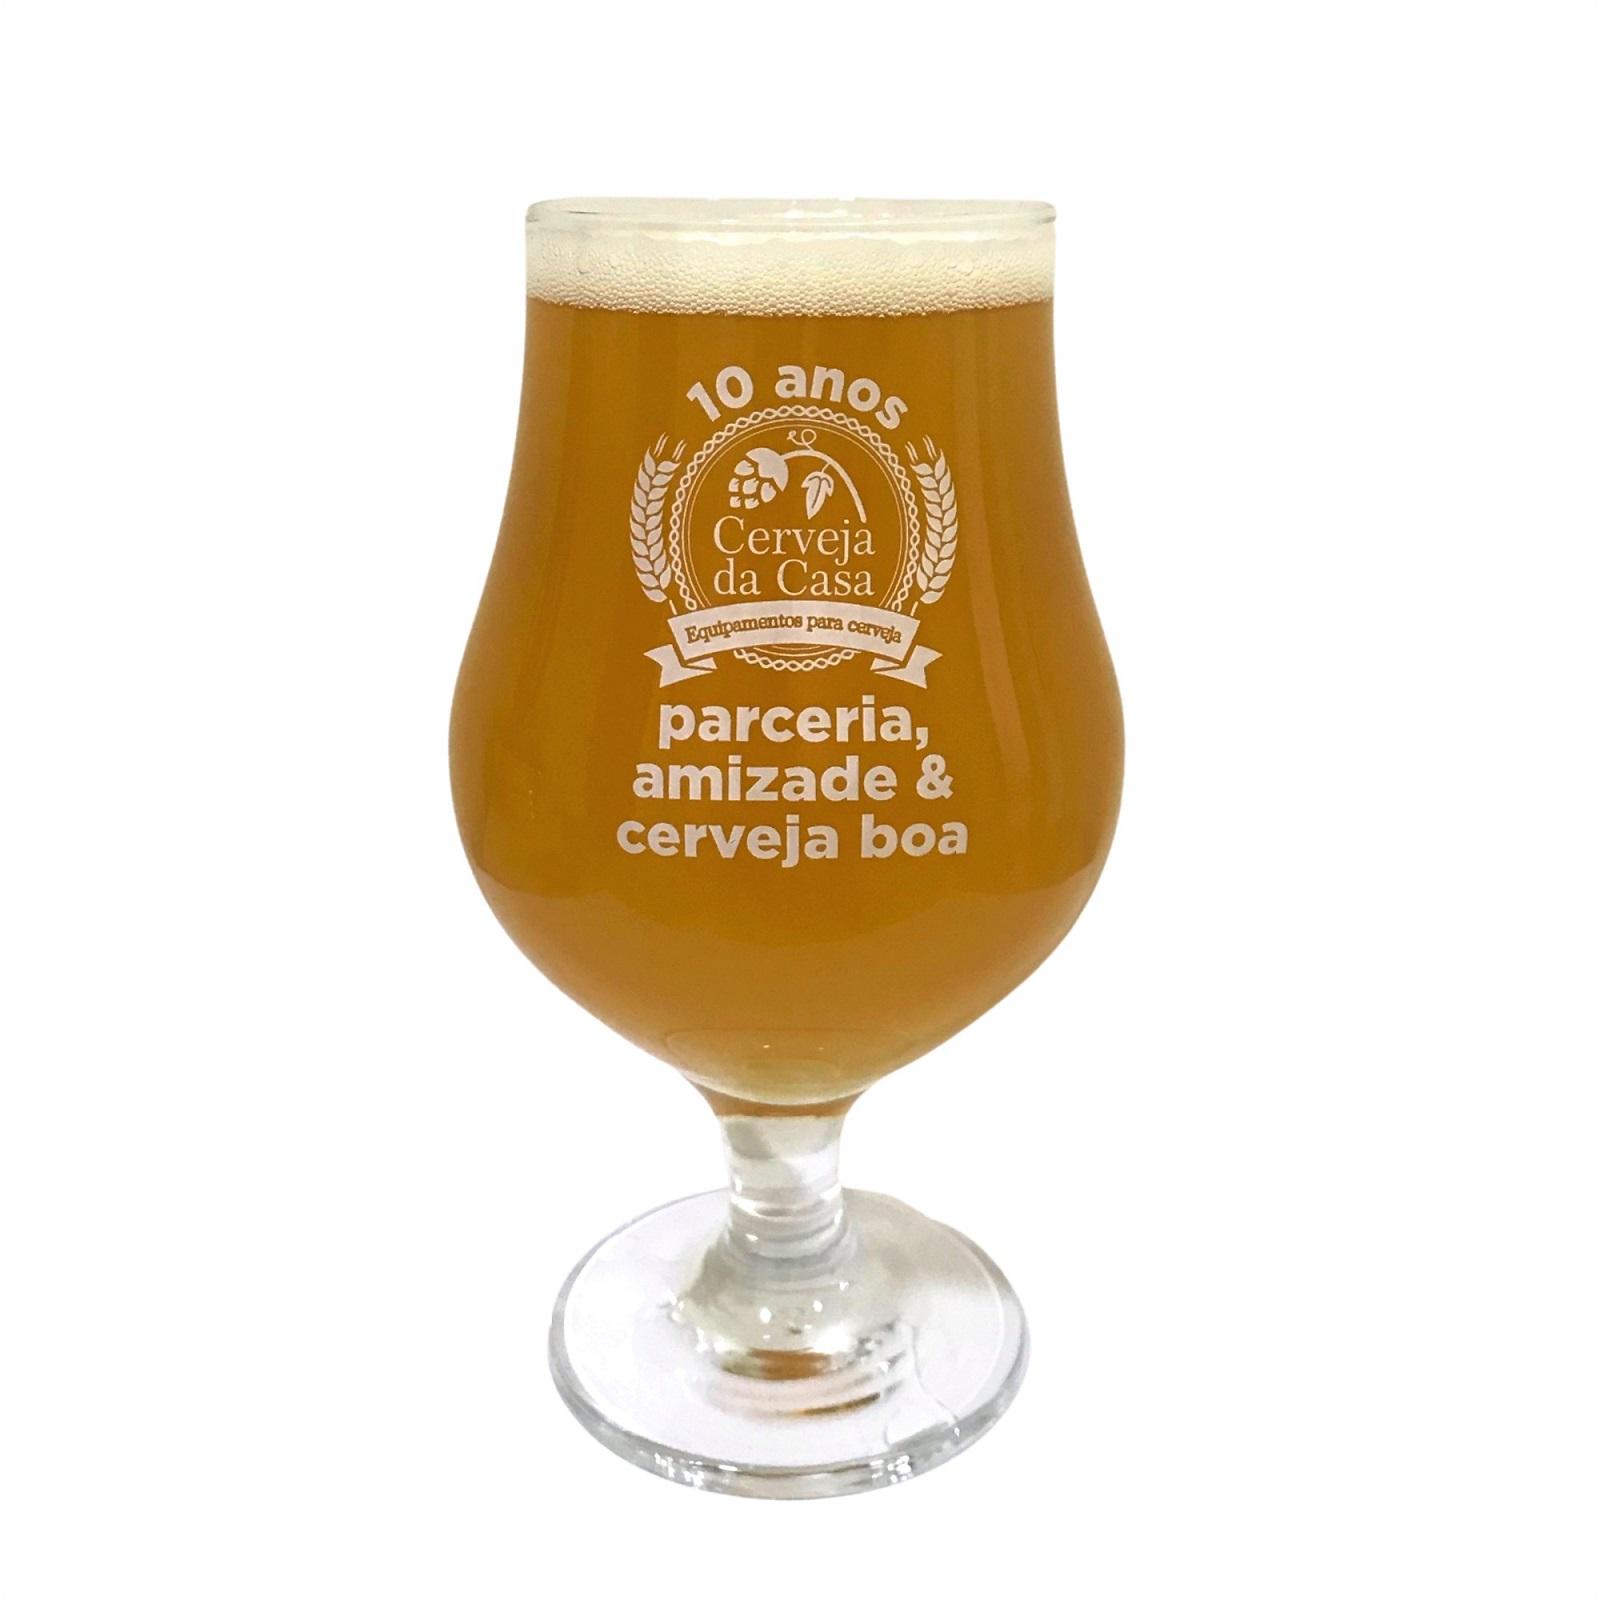 """Taça Cerveja da Casa 10 anos """"Parceria, amizade e cerveja boa"""" 400ml"""